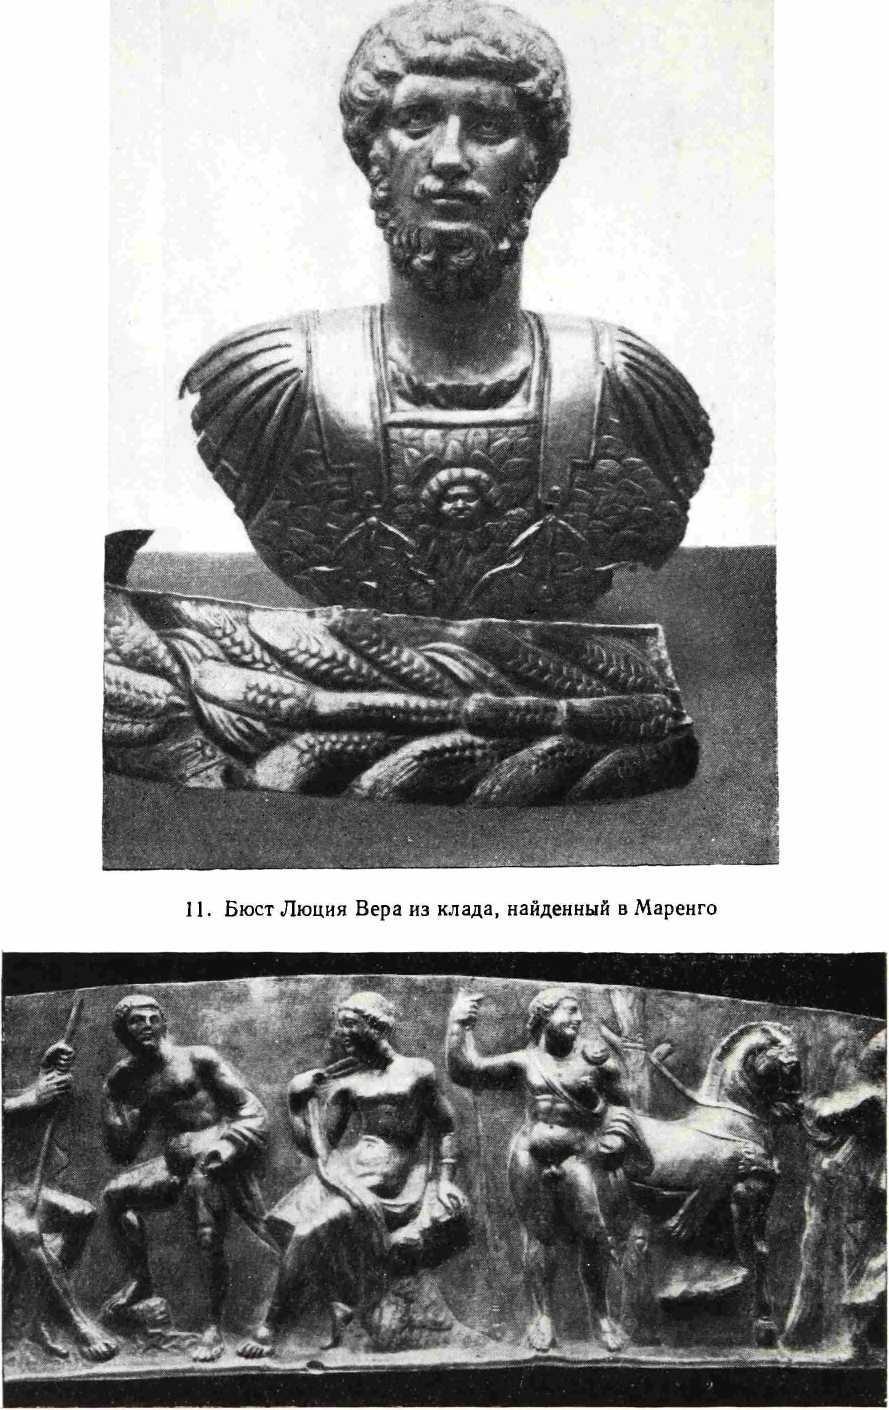 12. Часть фриза с изображением римских божеств из клада, найденного в Маренго